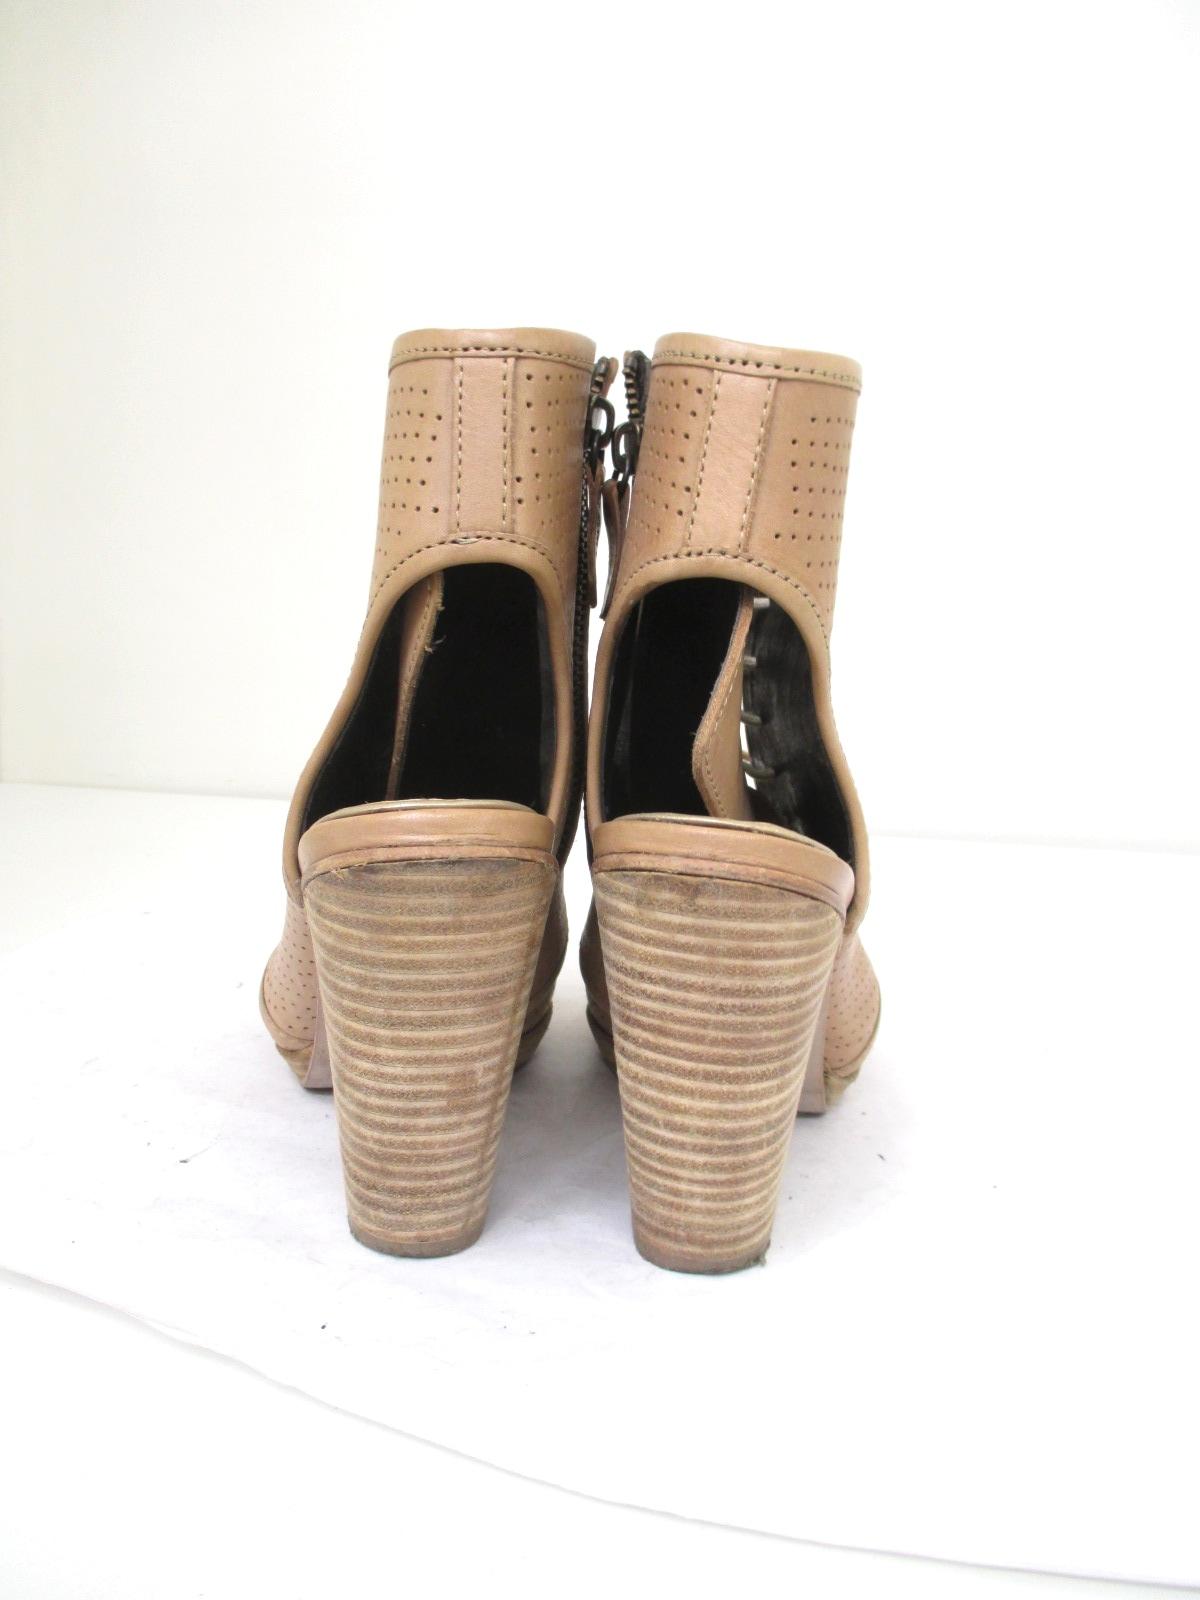 MIISTA(ミスタ)のブーツ